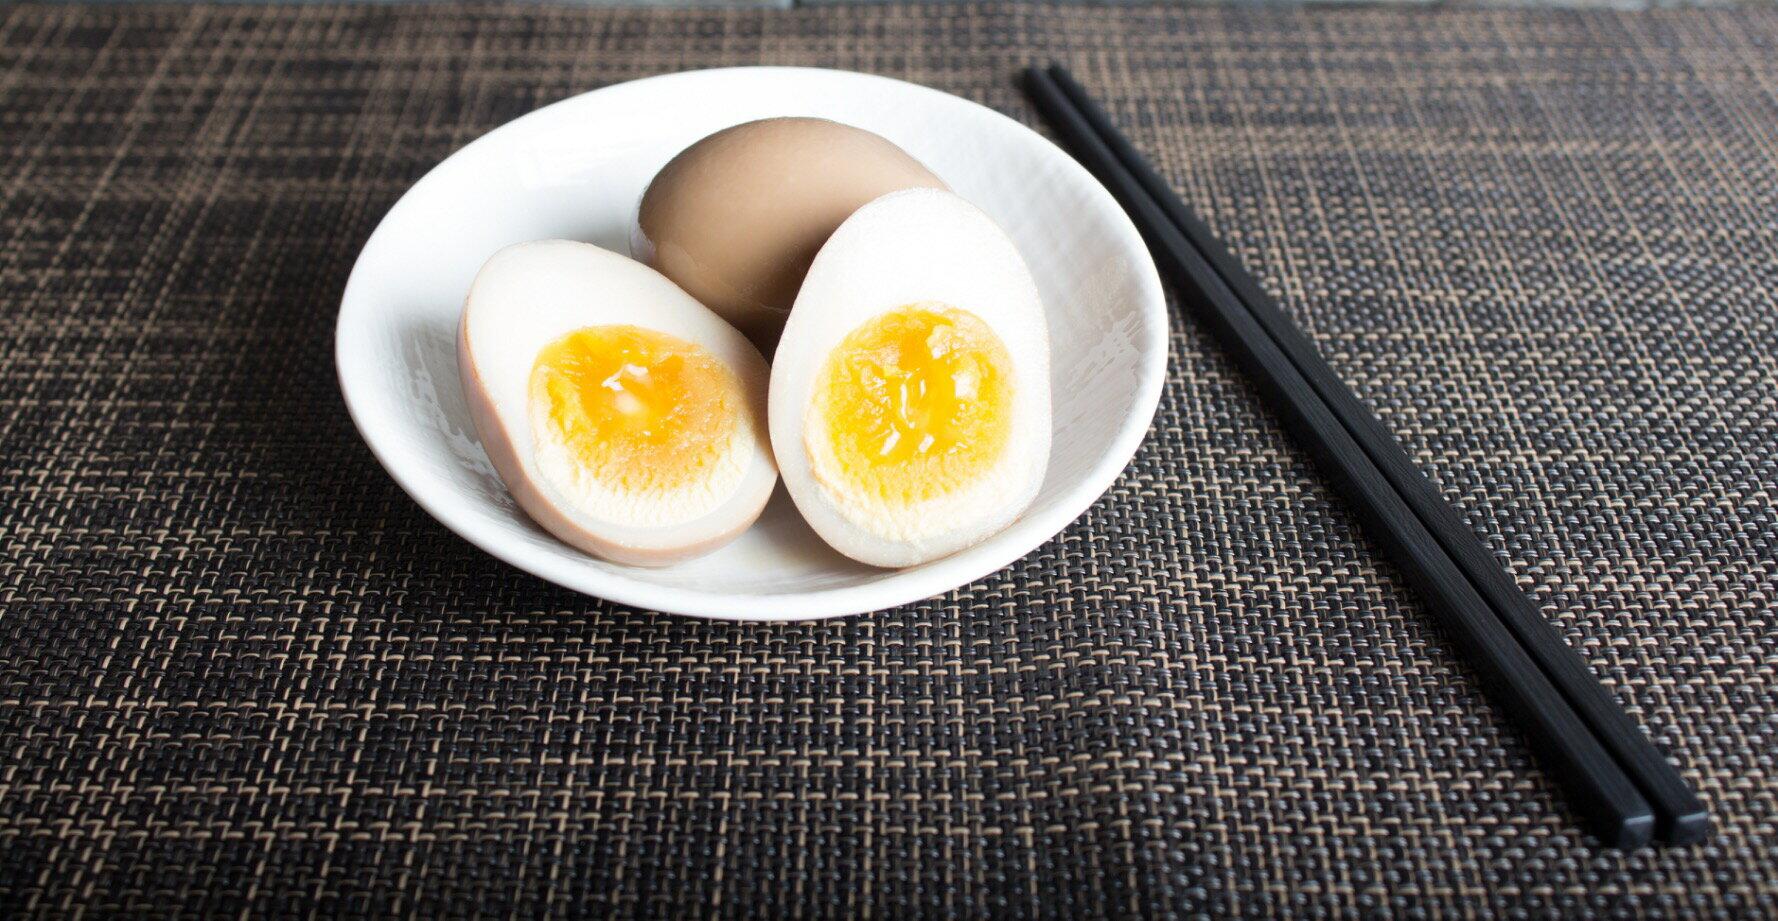 【東京屋台拉麵世貿店】溏心處女黃金蛋